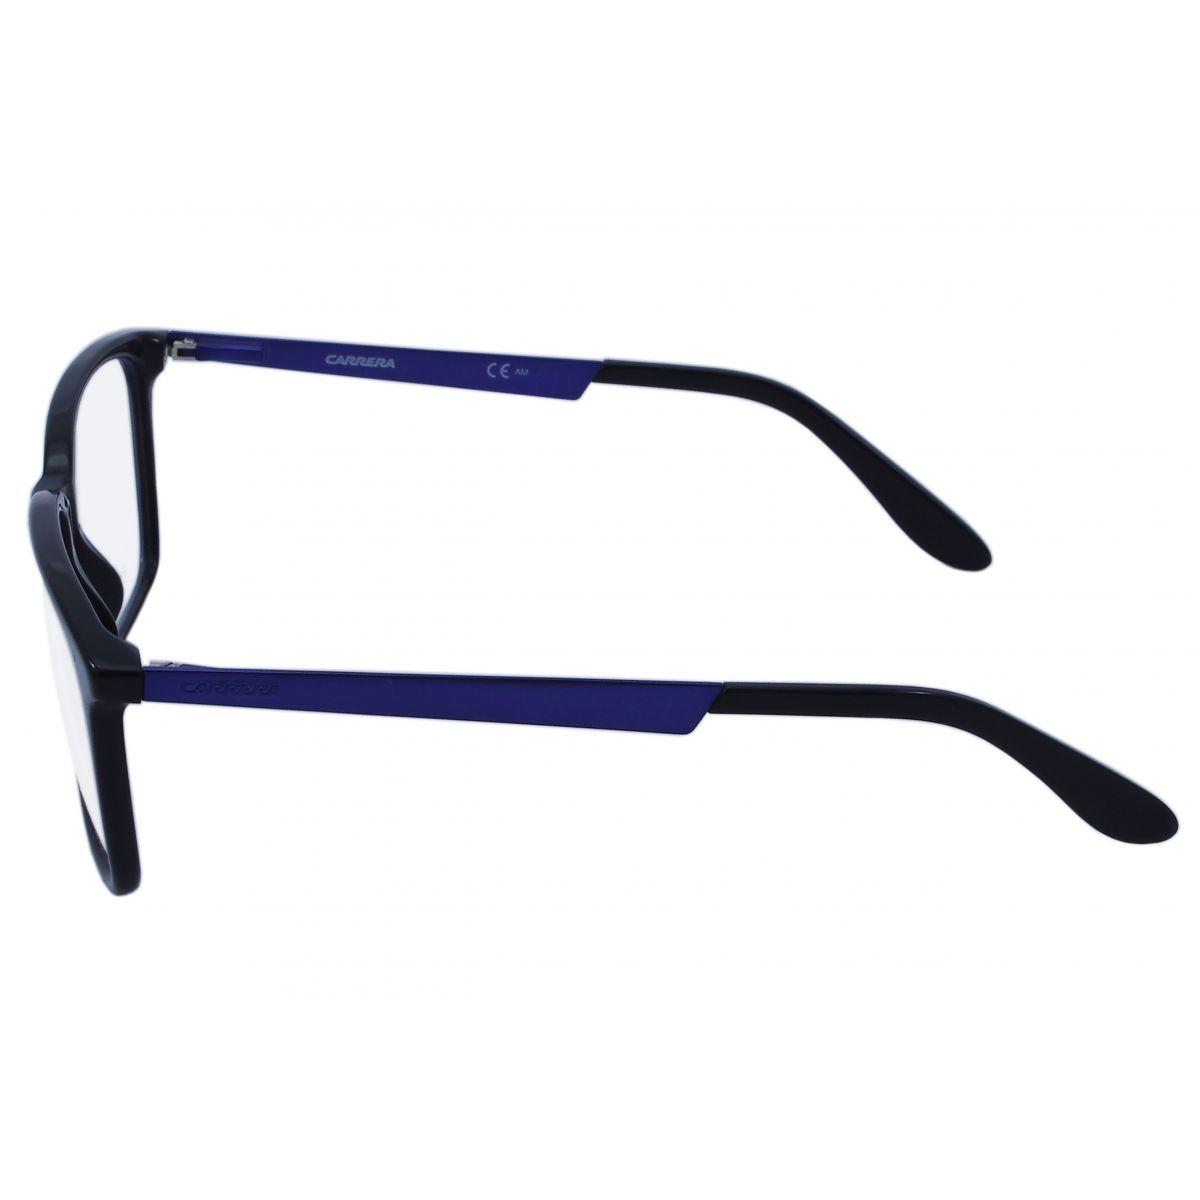 Óculos De Grau Masculino Carrera CA5515 8FZ Tam.56Carrera originalCarrera  de GrauCompra segura, produto original com nota fiscal e garantia de  fábrica, ... 52981e3a28